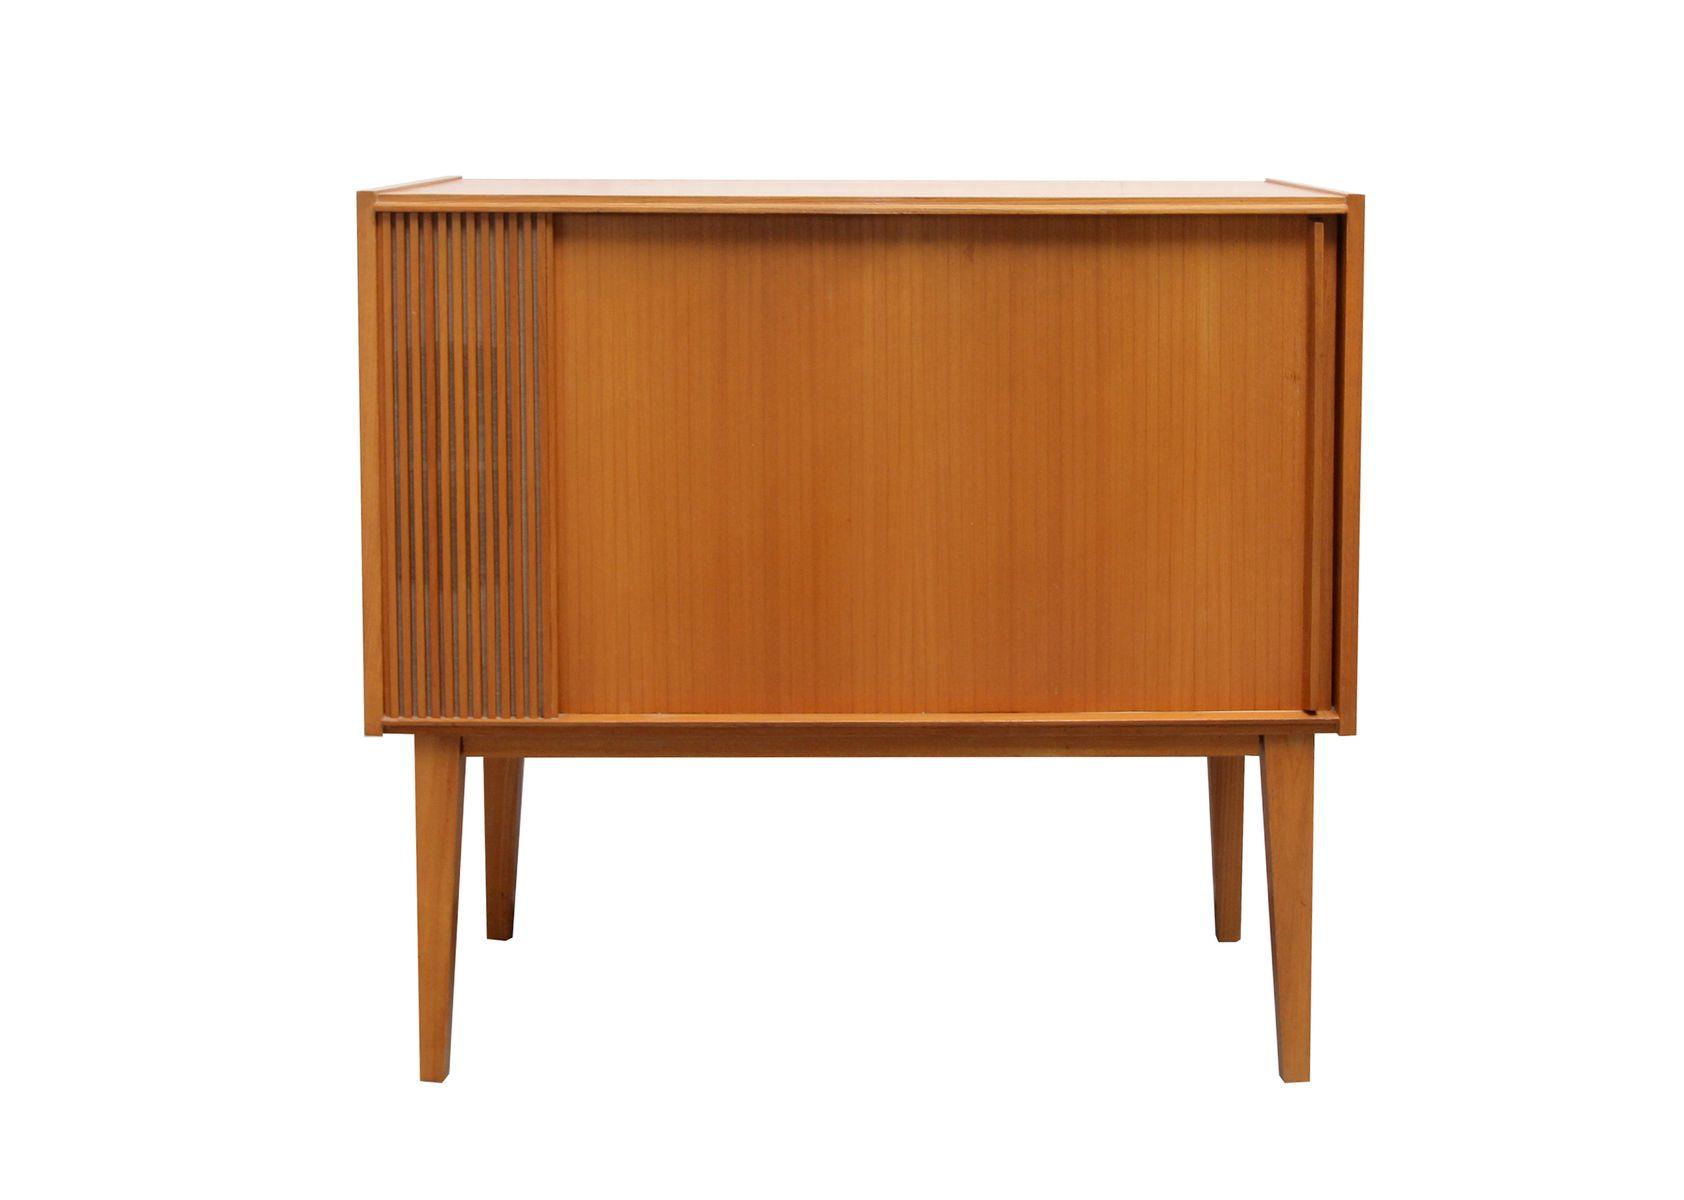 kleiner vintage barschrank aus kirschholz bei pamono kaufen. Black Bedroom Furniture Sets. Home Design Ideas